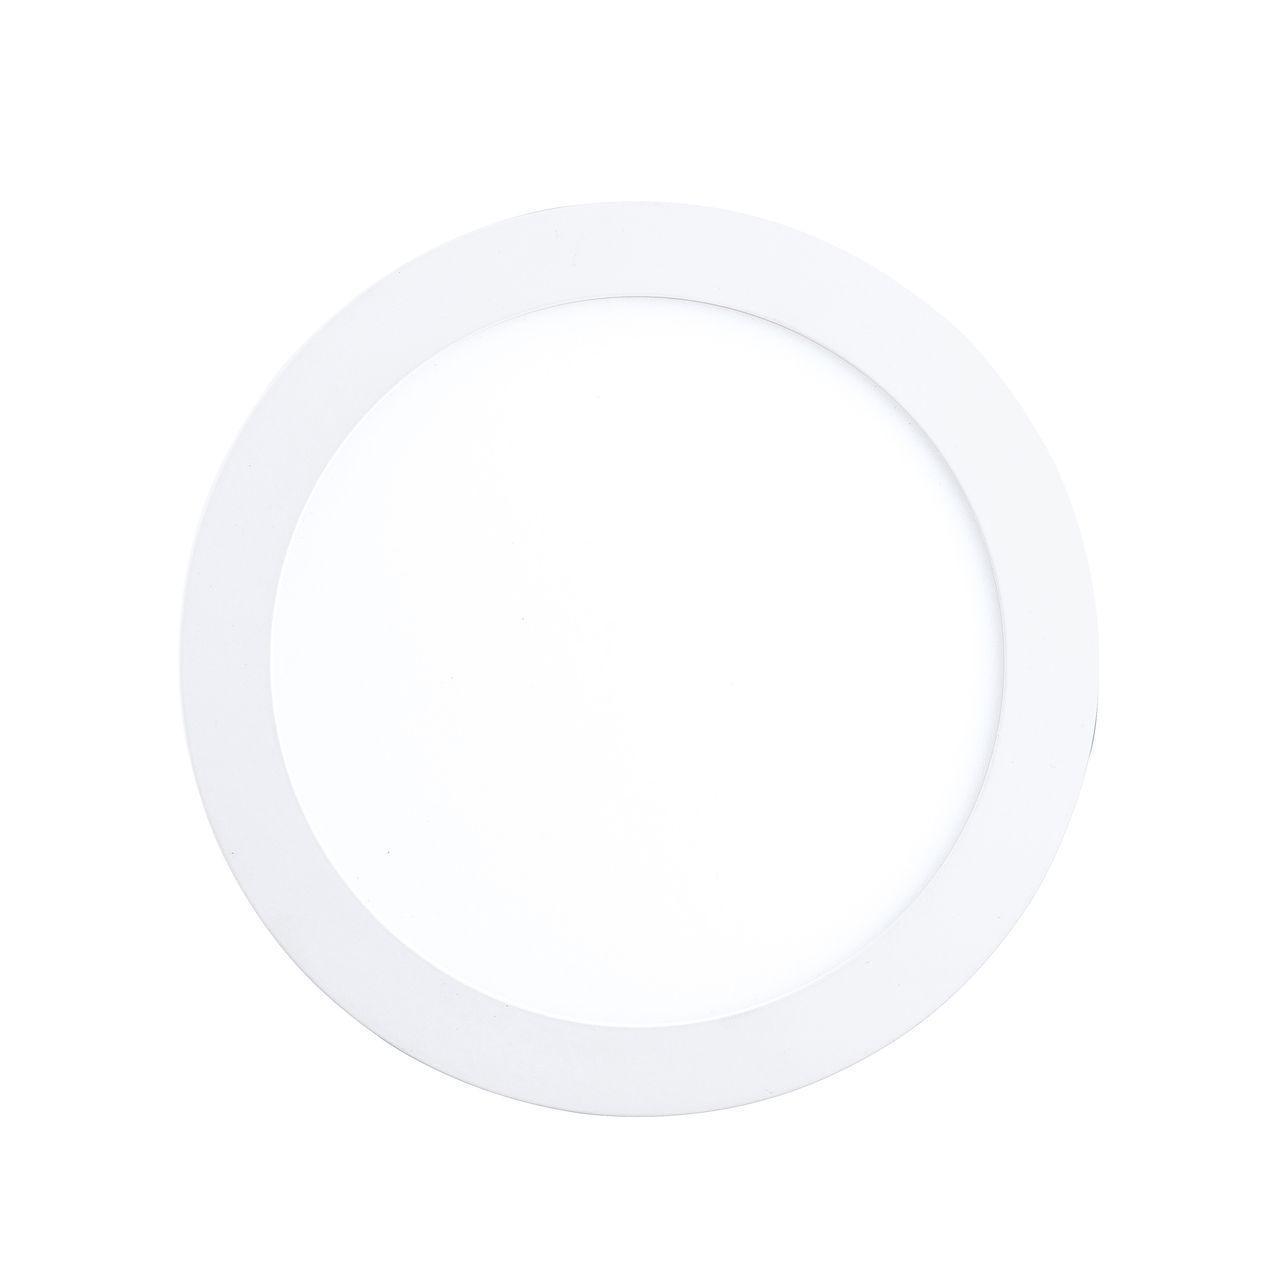 Встраиваемый светильник Eglo Fueva 1 94056 eglo 94056